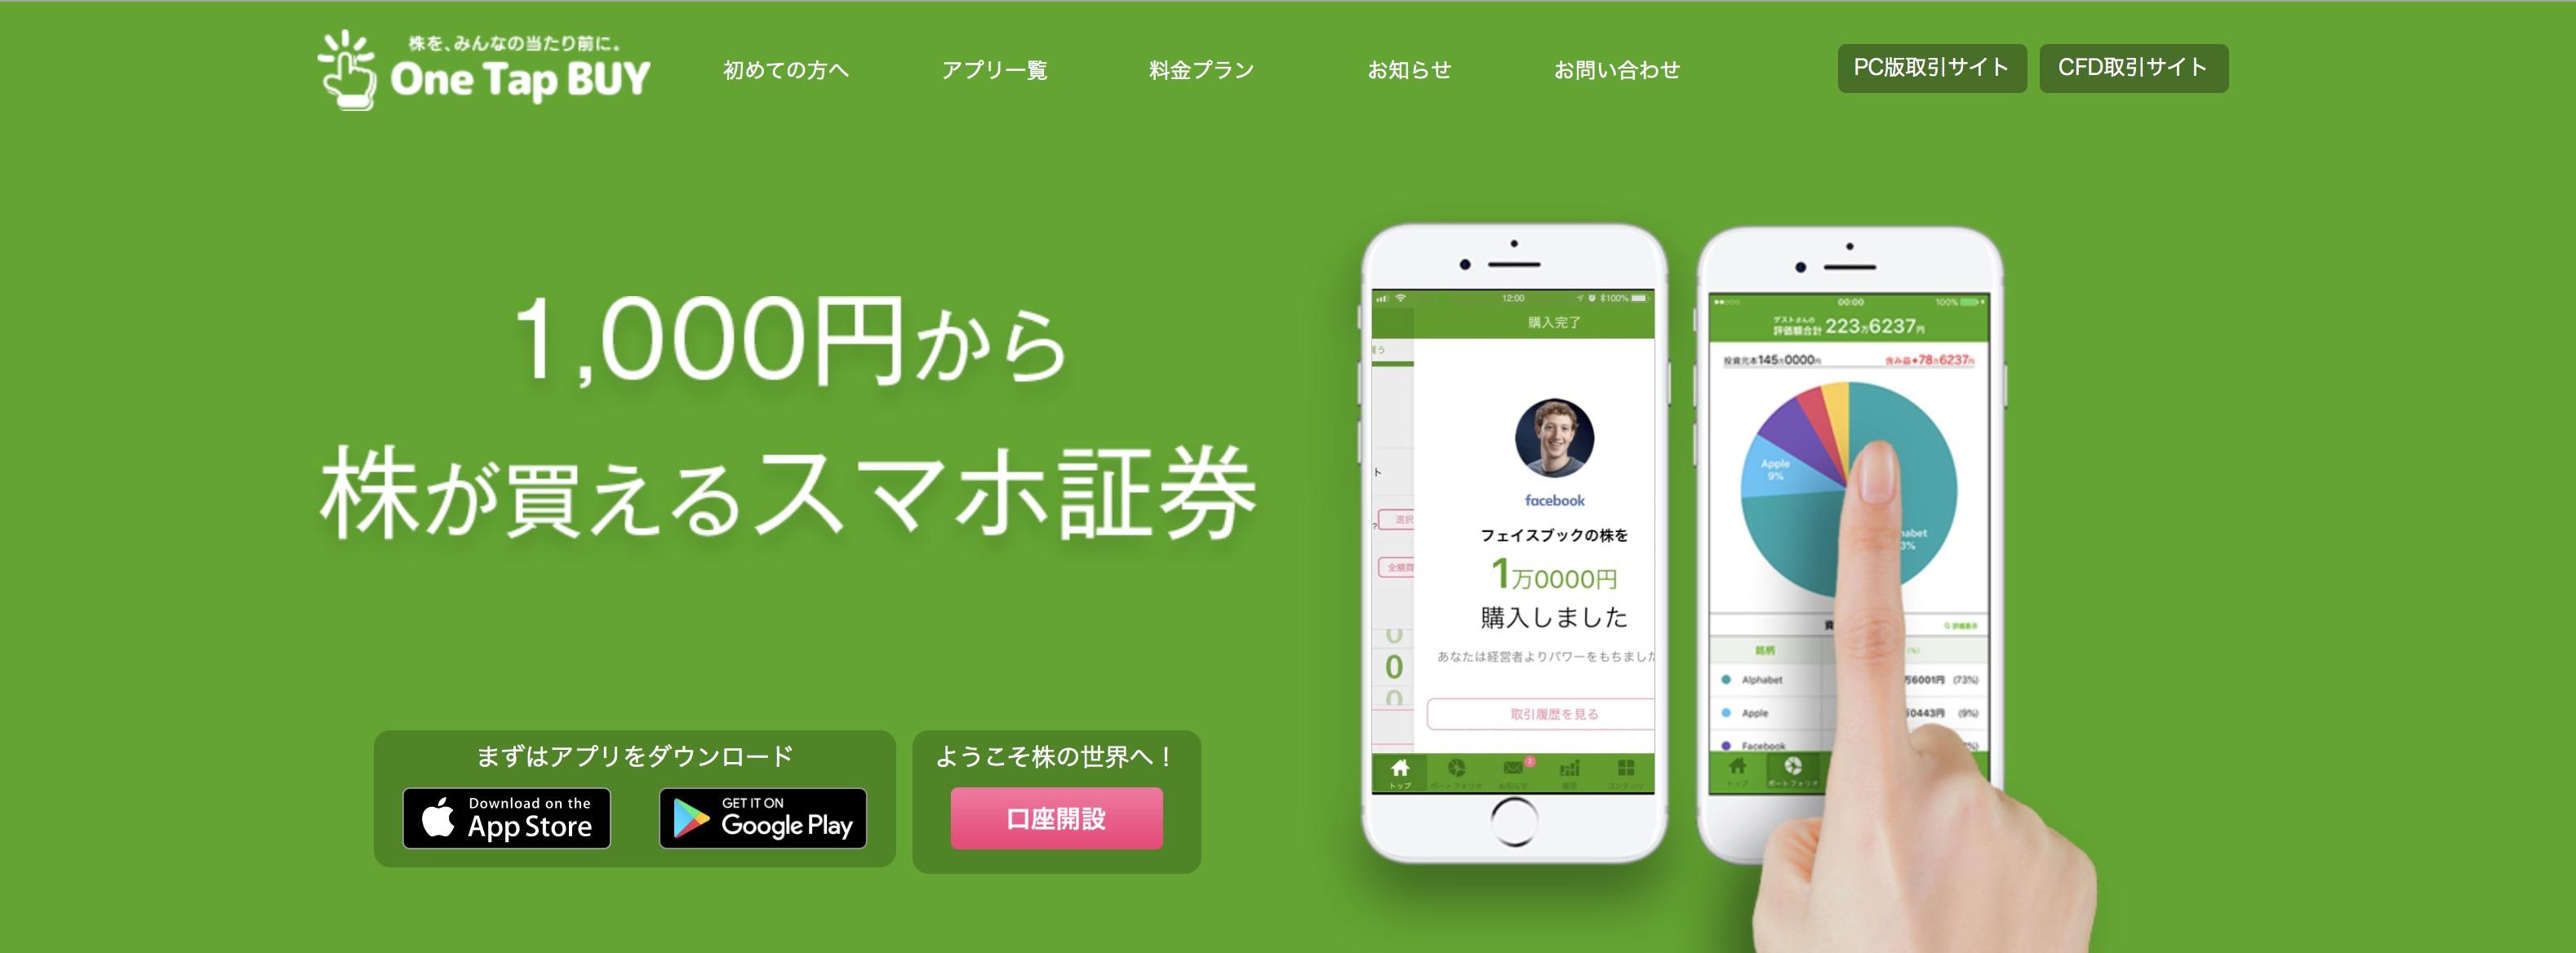 今すぐお金を稼ぐ方法⑭ 米国株式・日本株をスマホ証券(One Tap BUY)で購入する!